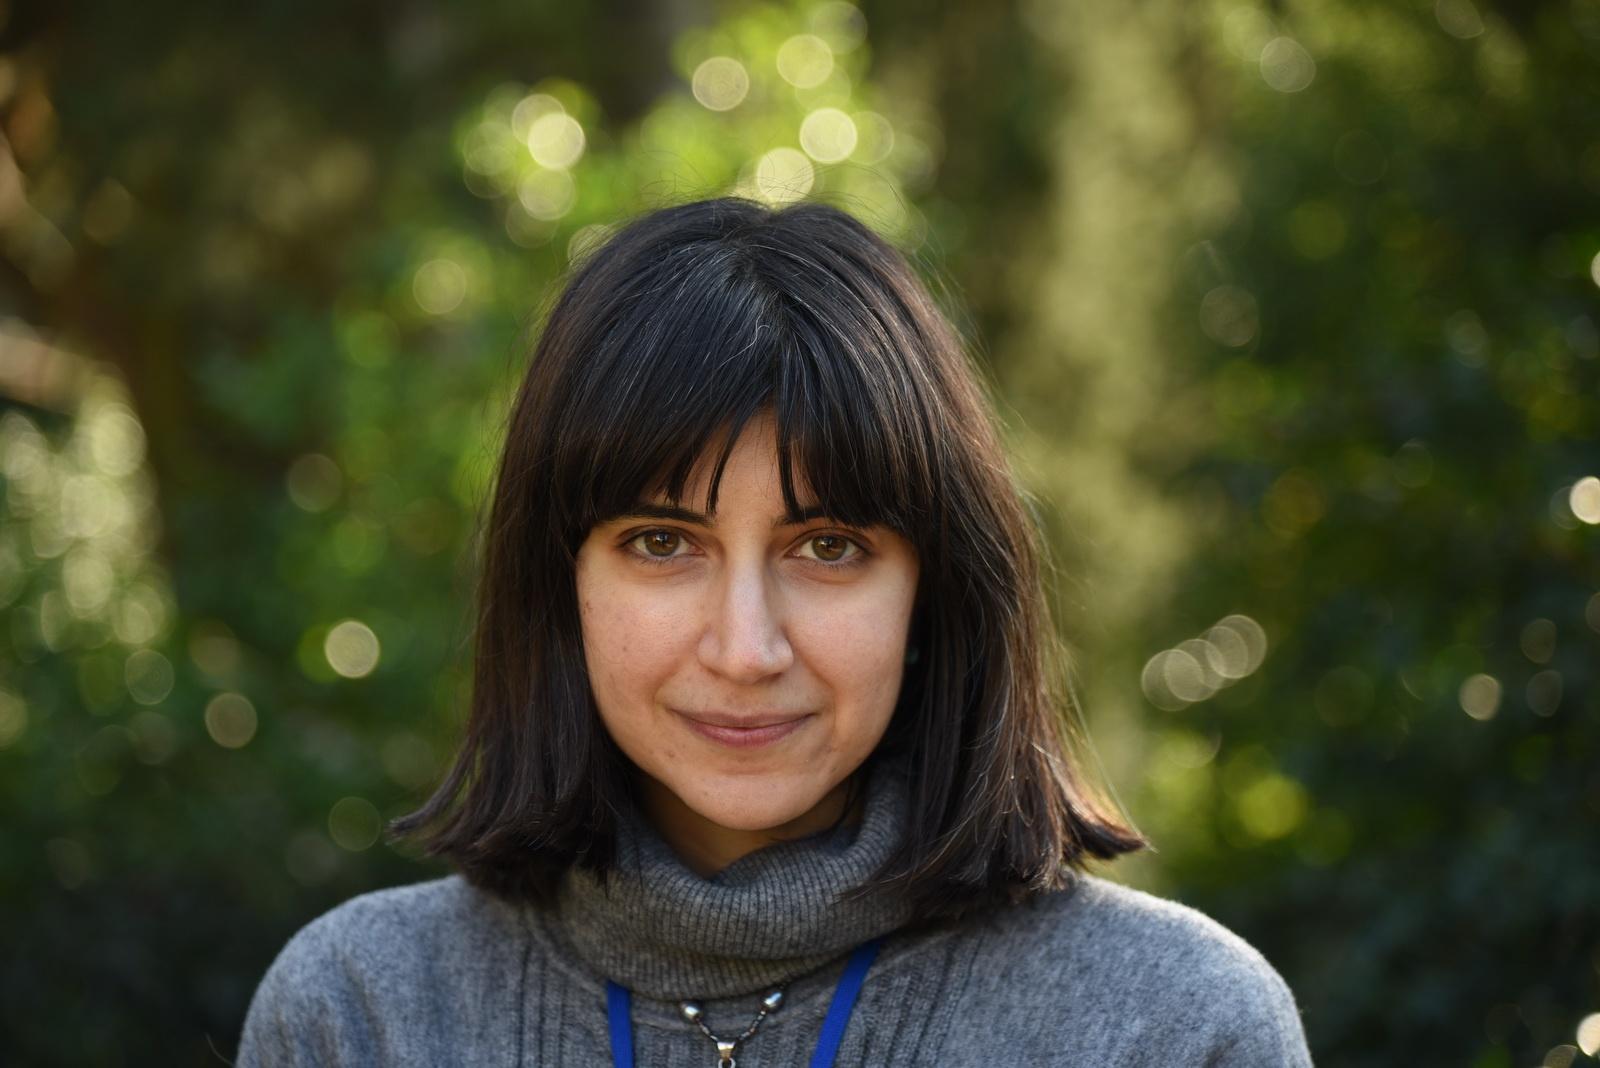 Portrait photo of Lavinia Maddaluno